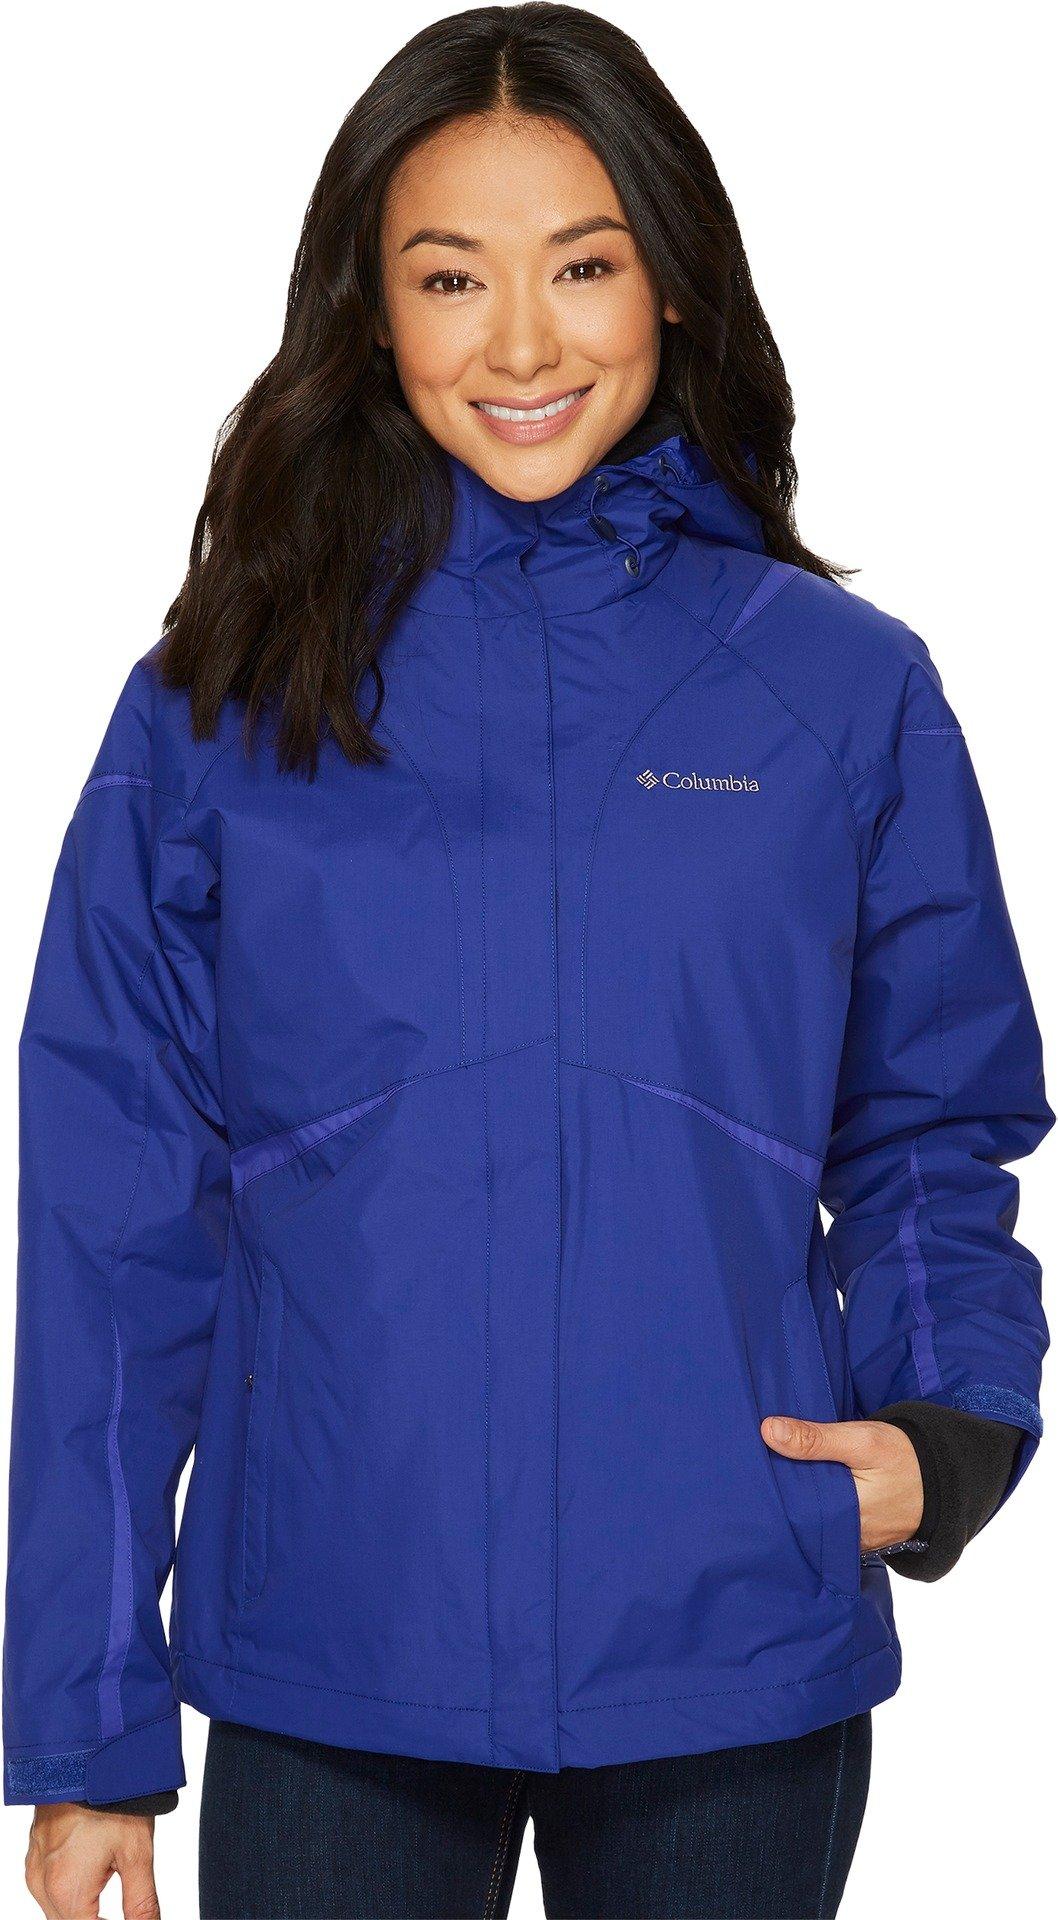 Columbia Women's Blazing Star Interchange Jacket, Dynasty, XS